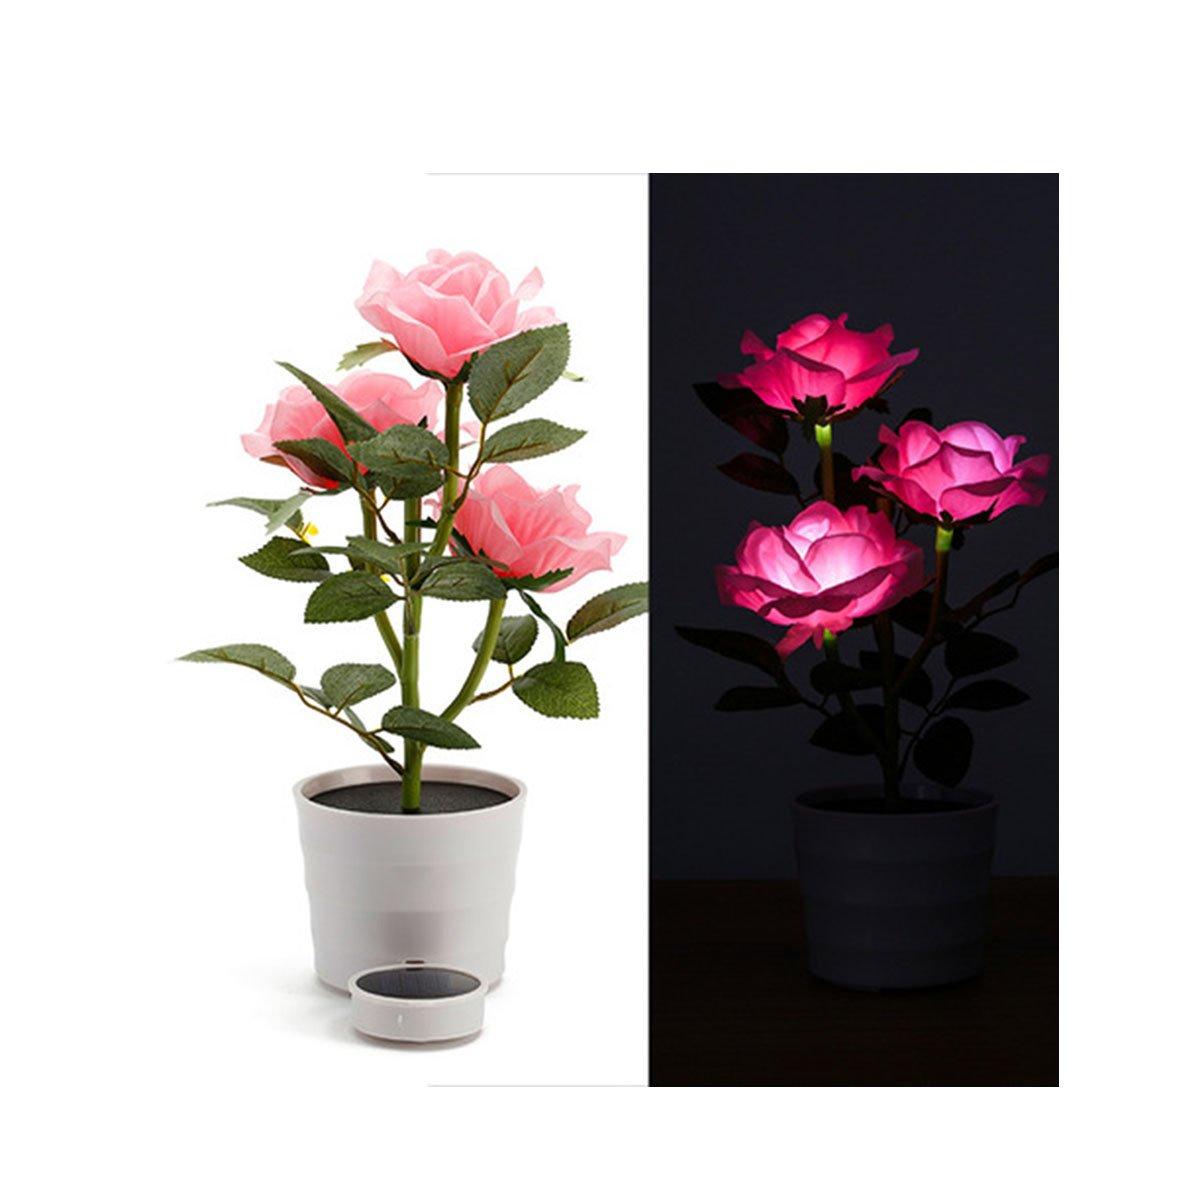 ソーラーローズフラワー人工ローズポット3ライトライト、LEDライト付き、花盆栽LEDライトランプ夜間用ホームガーデン部屋オフィスホテル 14.4inch*4.2inch ピンク B075SJNQ6W 11062  ピンク